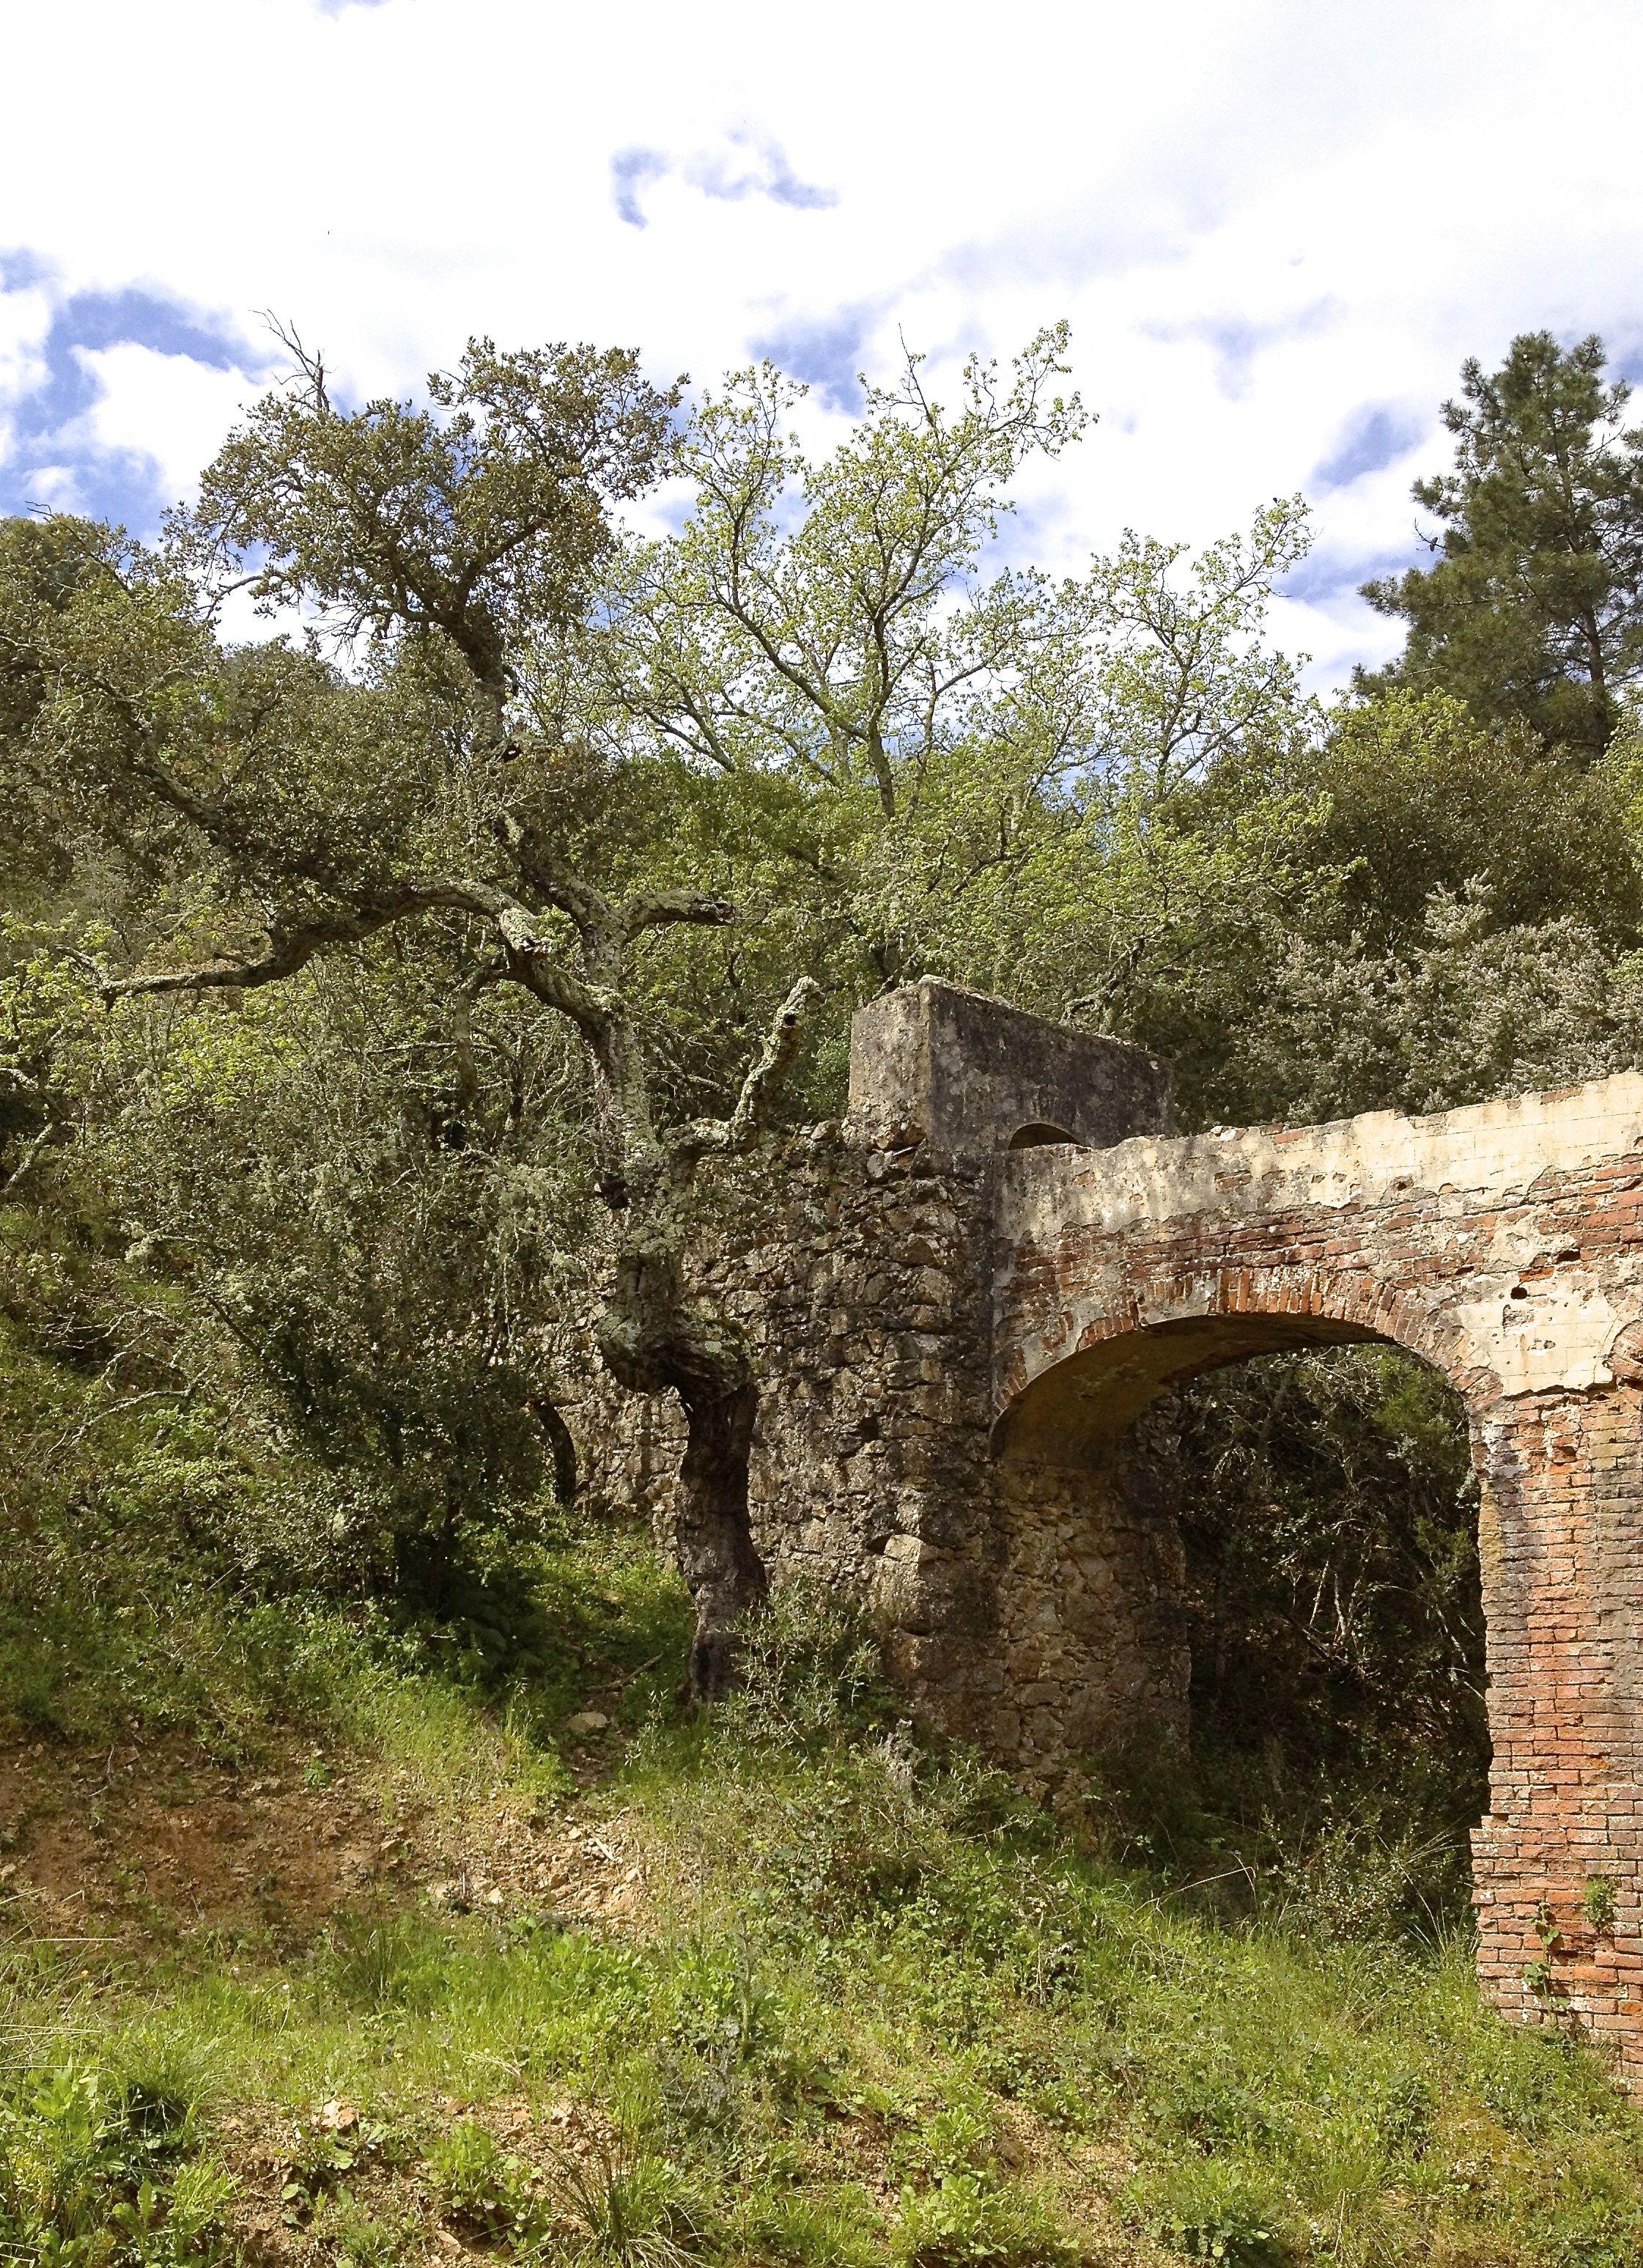 Dimanche 21 avril. Aux abords des ruines d'un moulin à eau.